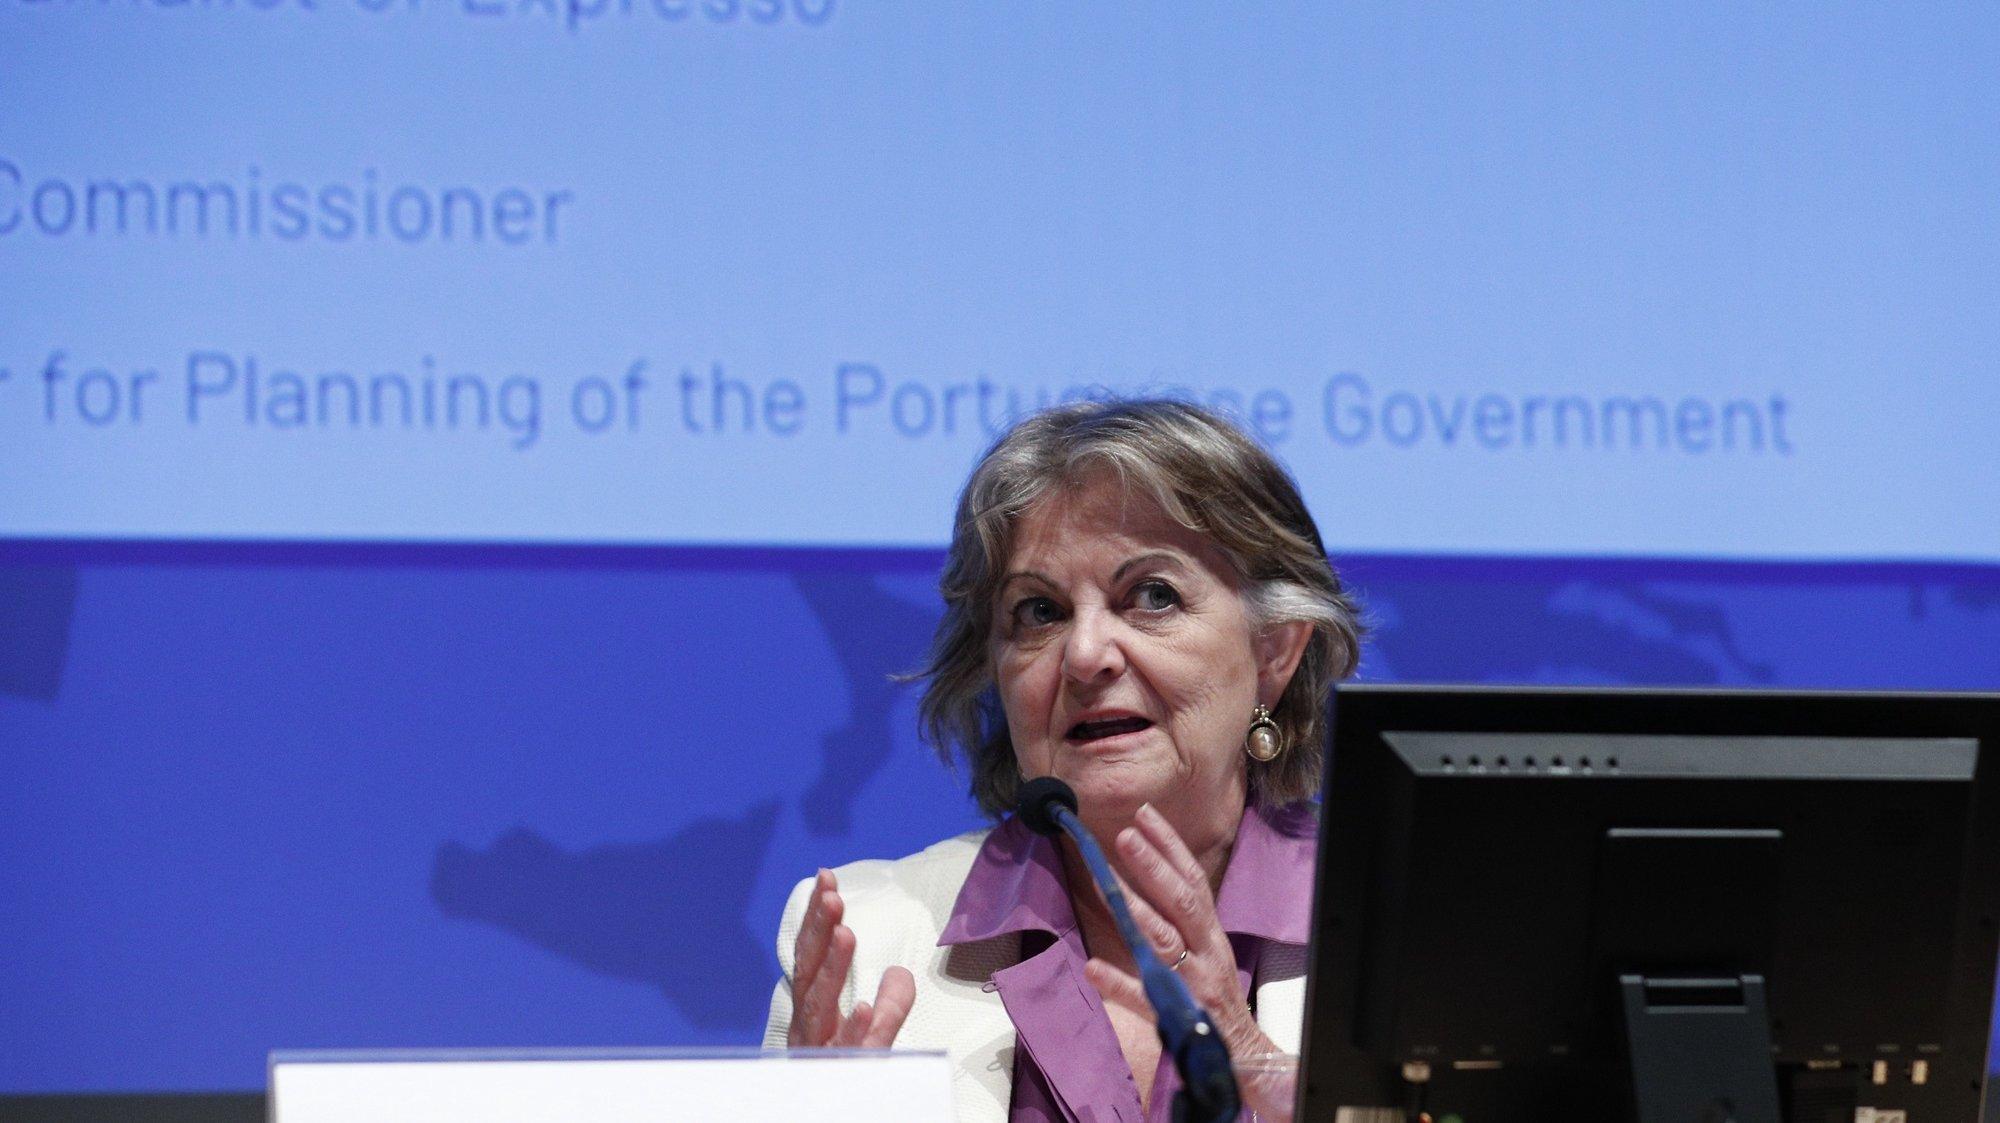 """A comissária Europeia para a Coesão e Reformas, Elisa Ferreira, intervém durante a conferência """"Fundos Europeus: Gestão, Controlo e Responsabilidades"""", em Lisboa, 21 de junho de 2021. ANTÓNIO COTRIM/LUSA"""